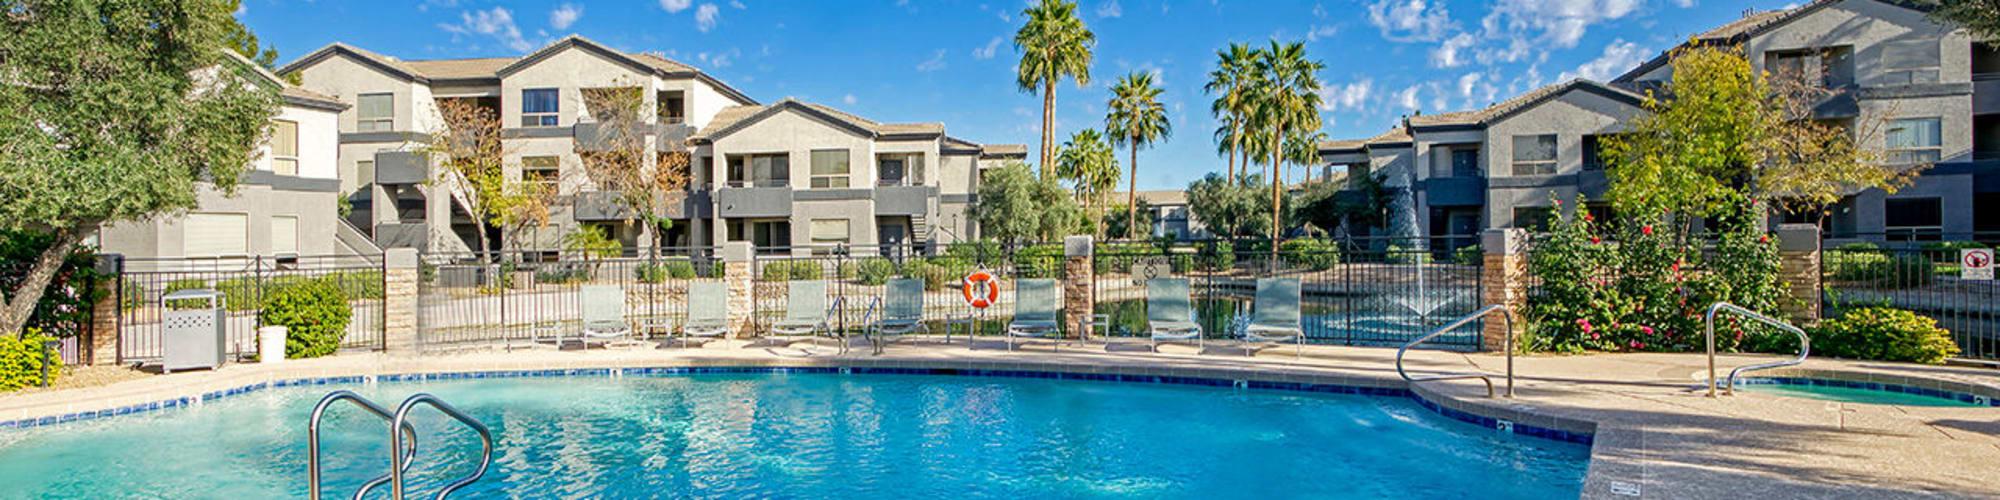 Contact us at Laguna at Arrowhead Ranch in Glendale, Arizona